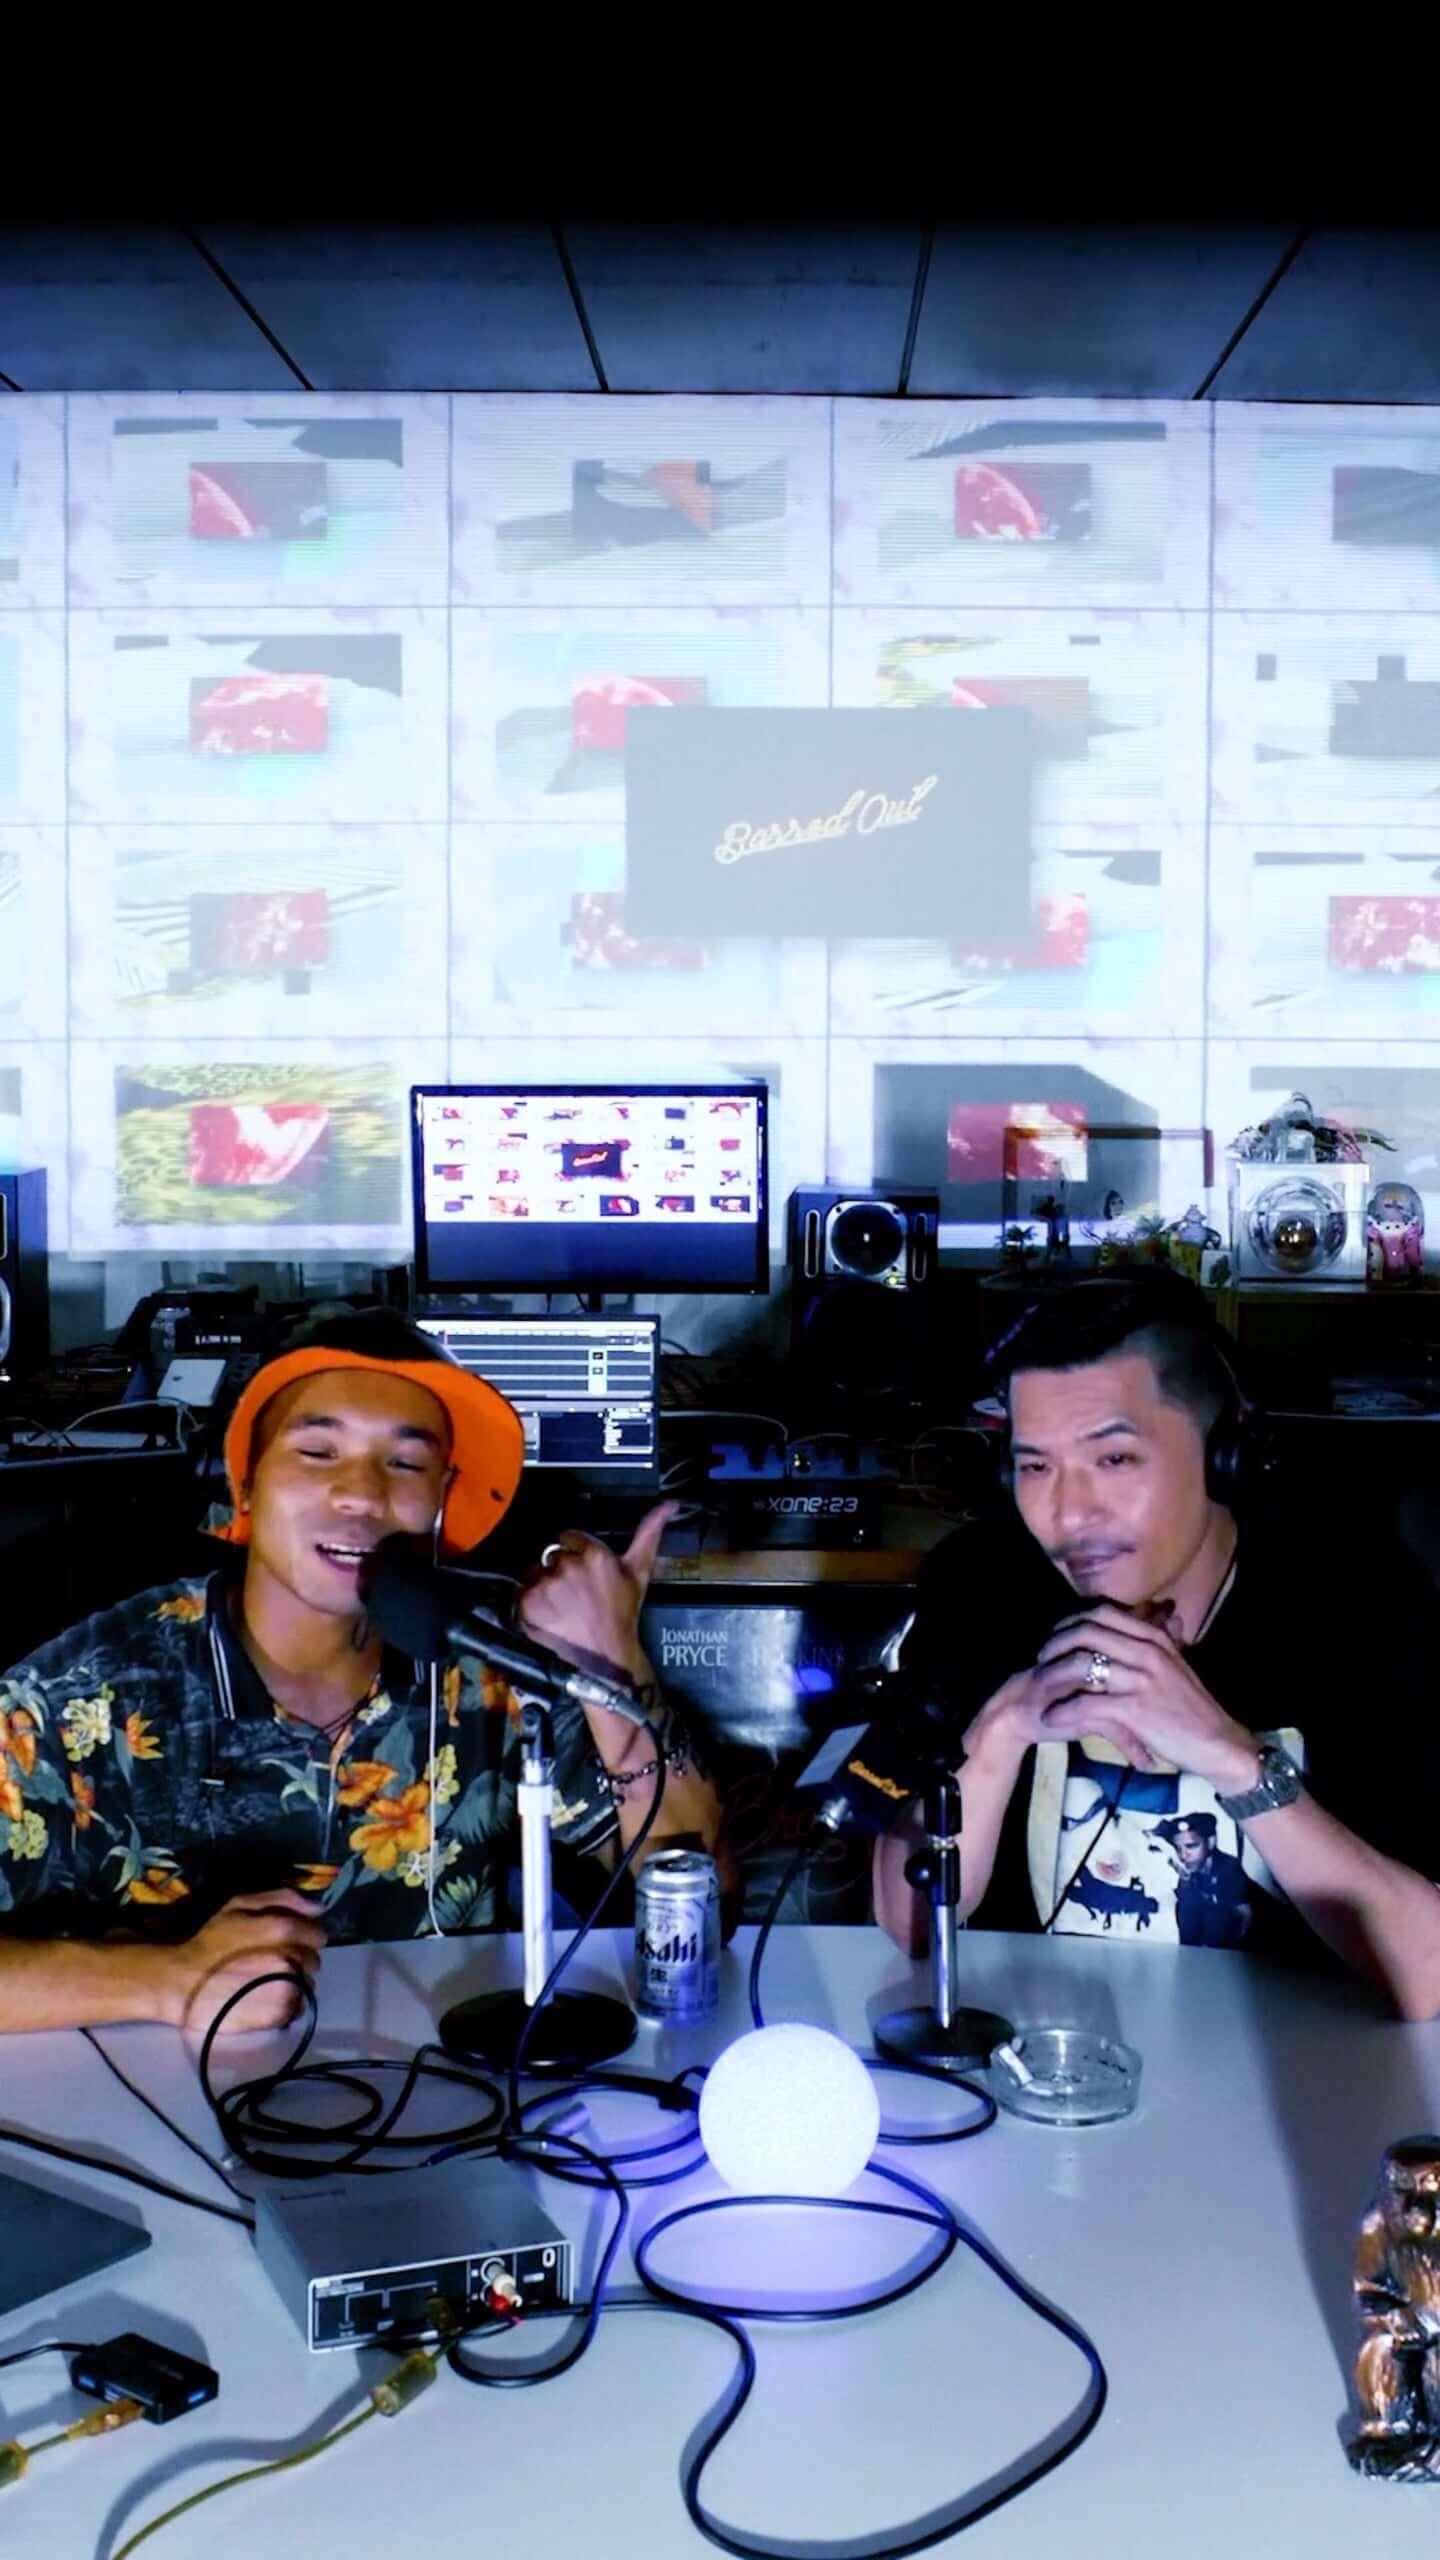 ミライがホストのYouTubeチャンネル「Barred Out Freestyle」がスタート|Zeebra、Jin Doggがゲストでフリースタイルを披露! music191217_barredout_03-1440x2560